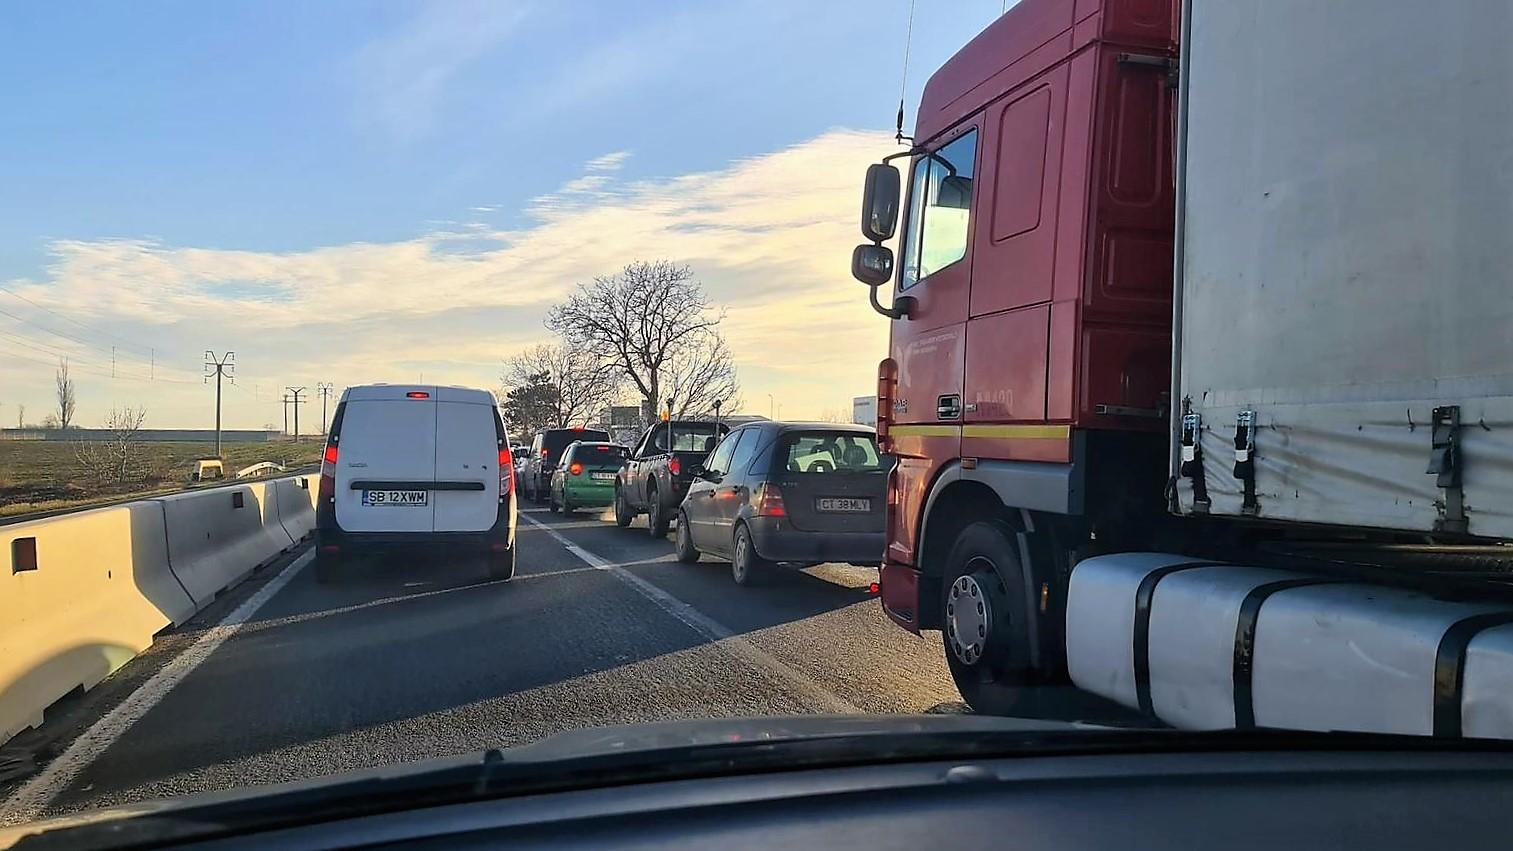 FOTO VIDEO Măsurile de carantinare luate în Constanța și Valu lui Traian au provocat cozi de 10 km între cele două localități